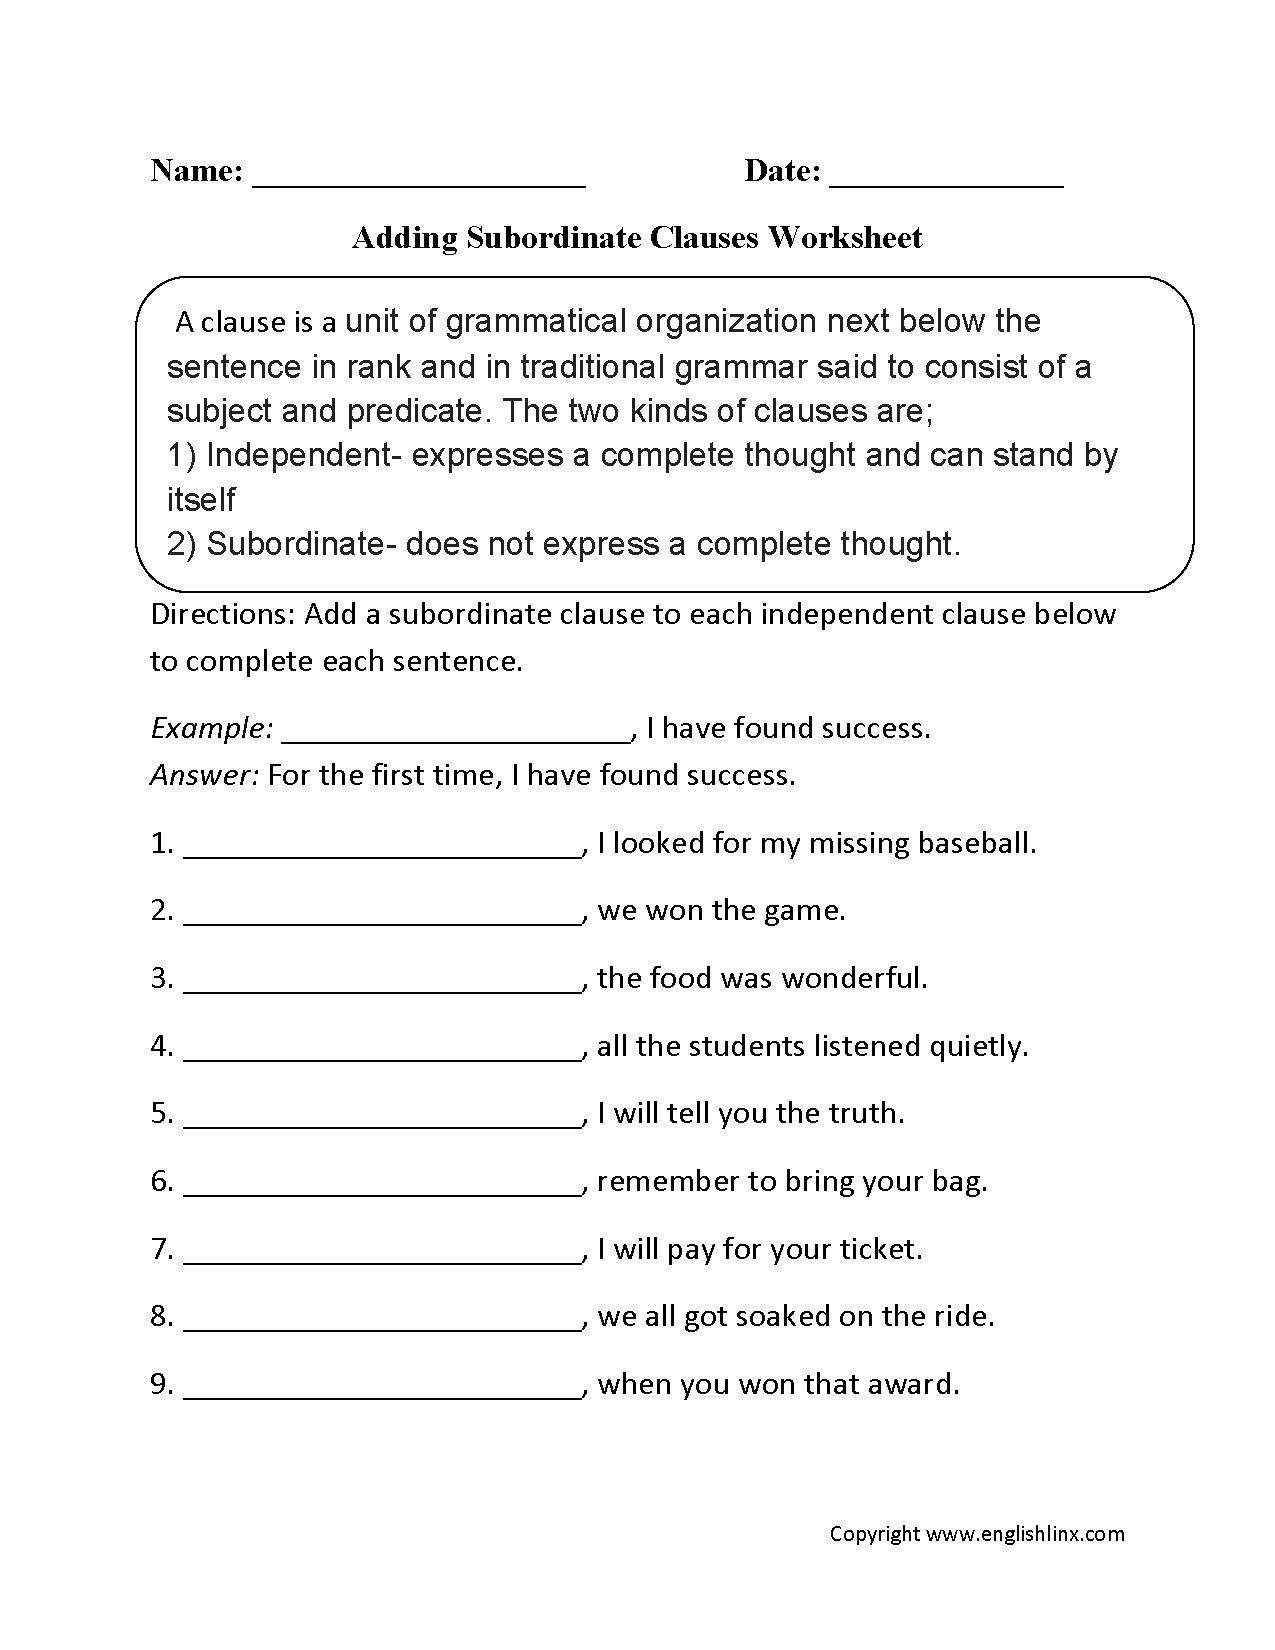 Adding Subordinate Clauses Worksheet | Englishlinx.com ...